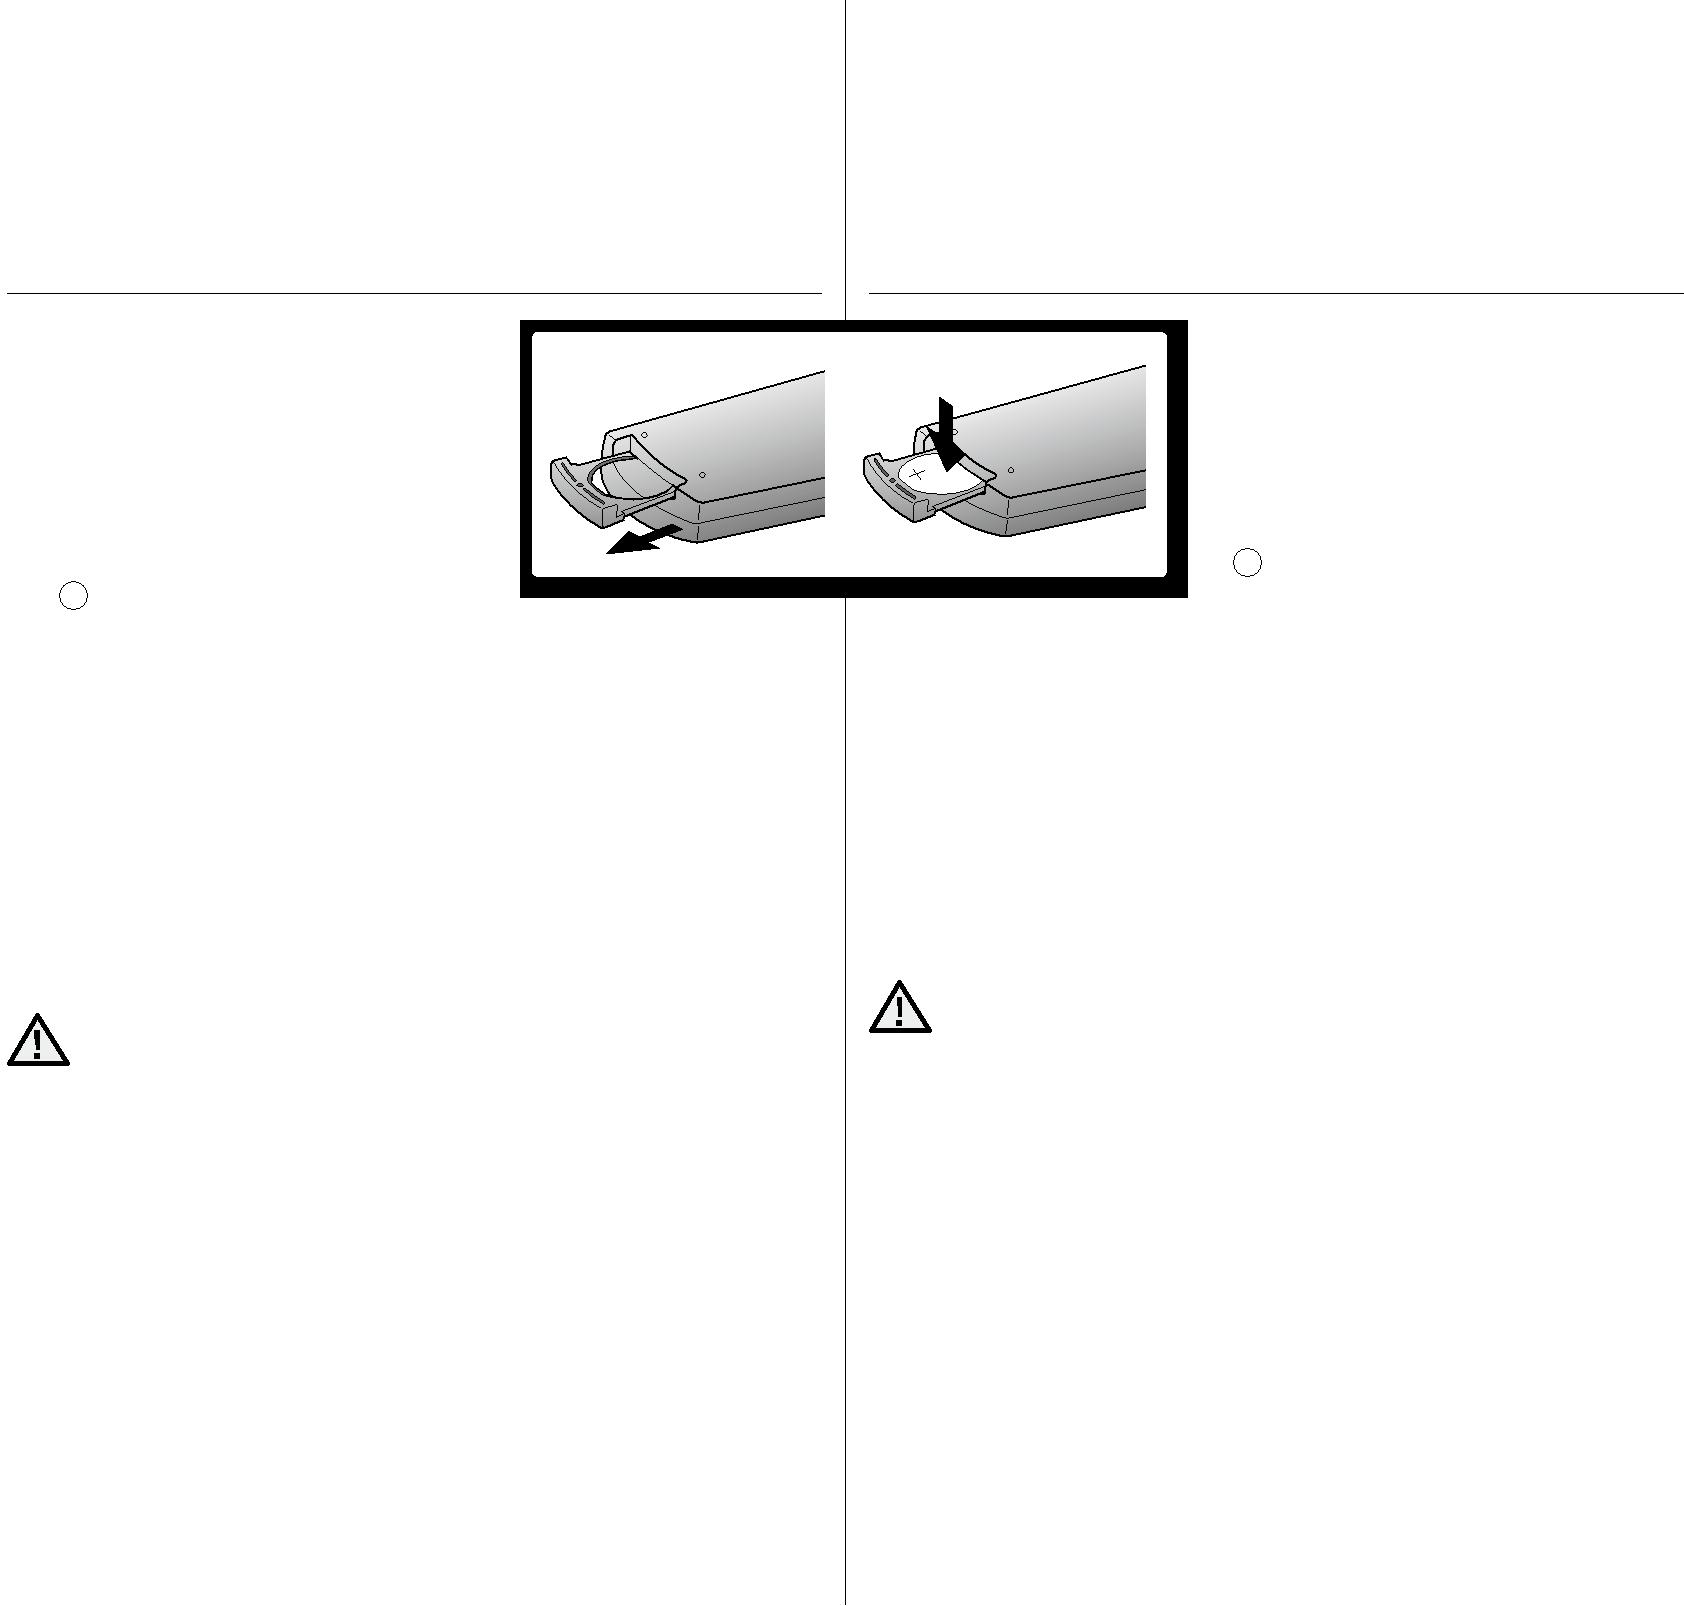 Samsung VP-D381/XEF, VP-D382H/XEF INSTALLAZIONE DELLA